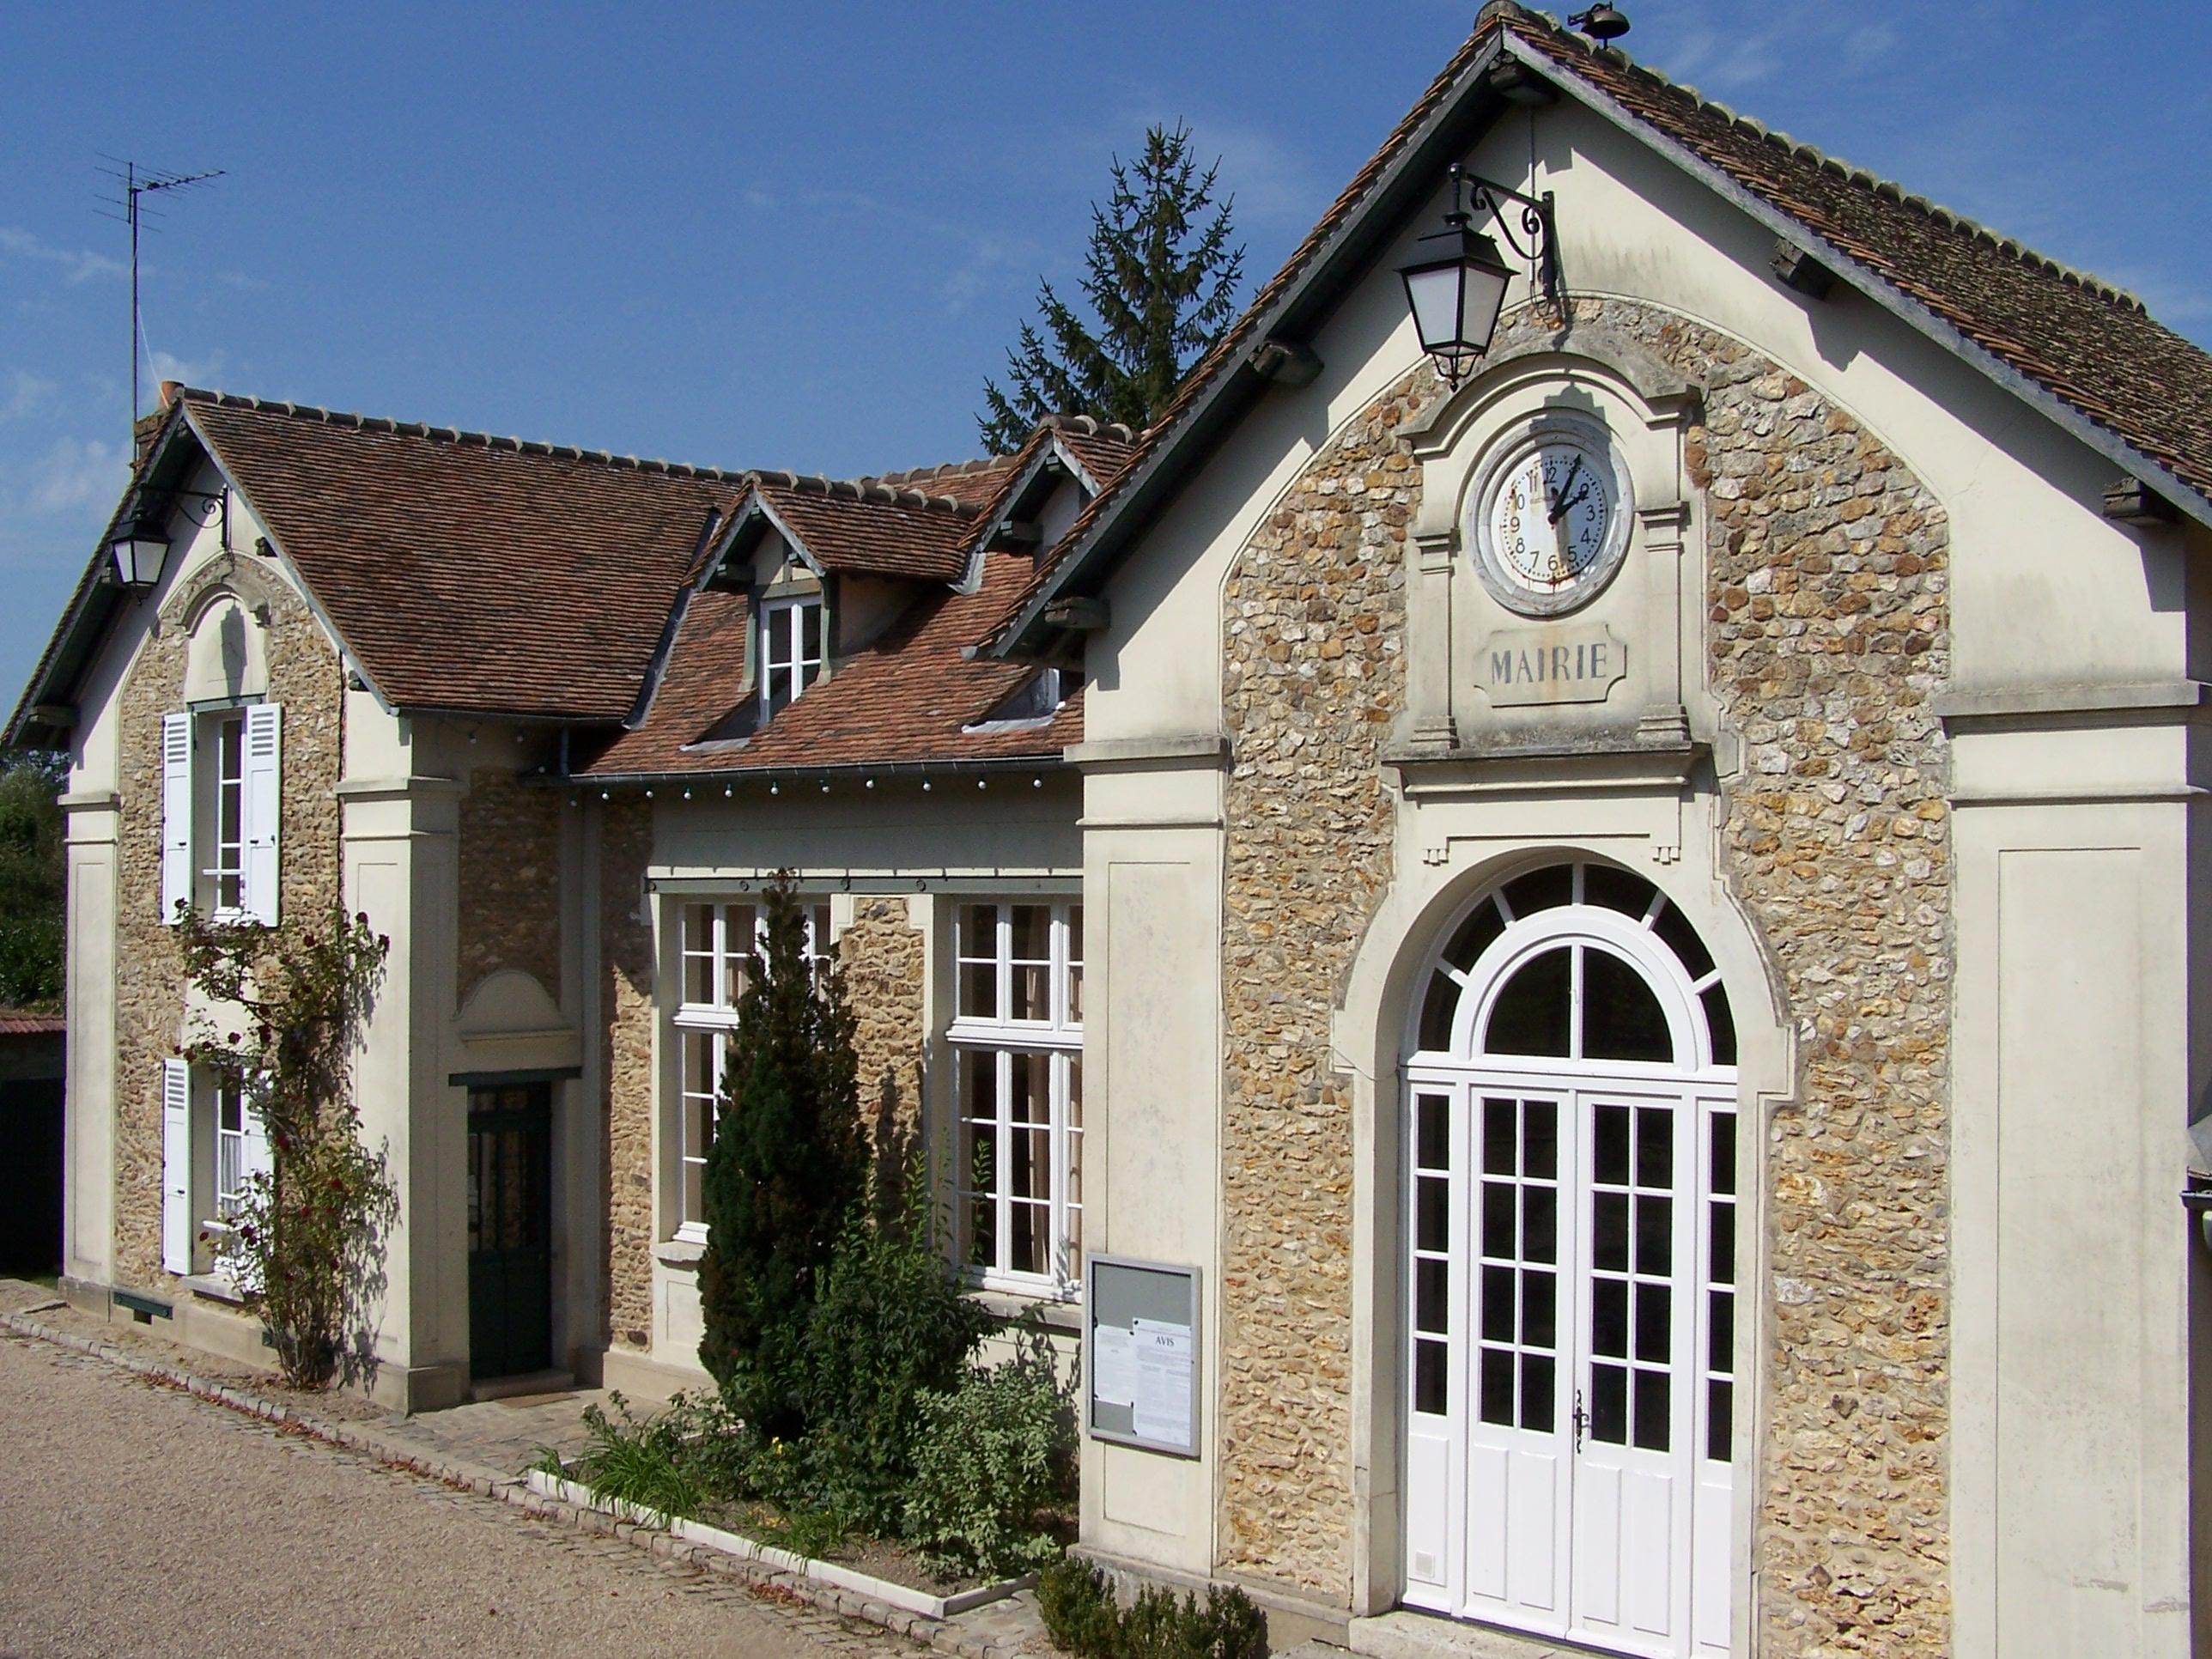 Mezy Sur Seine Avis millemont - wikipedia